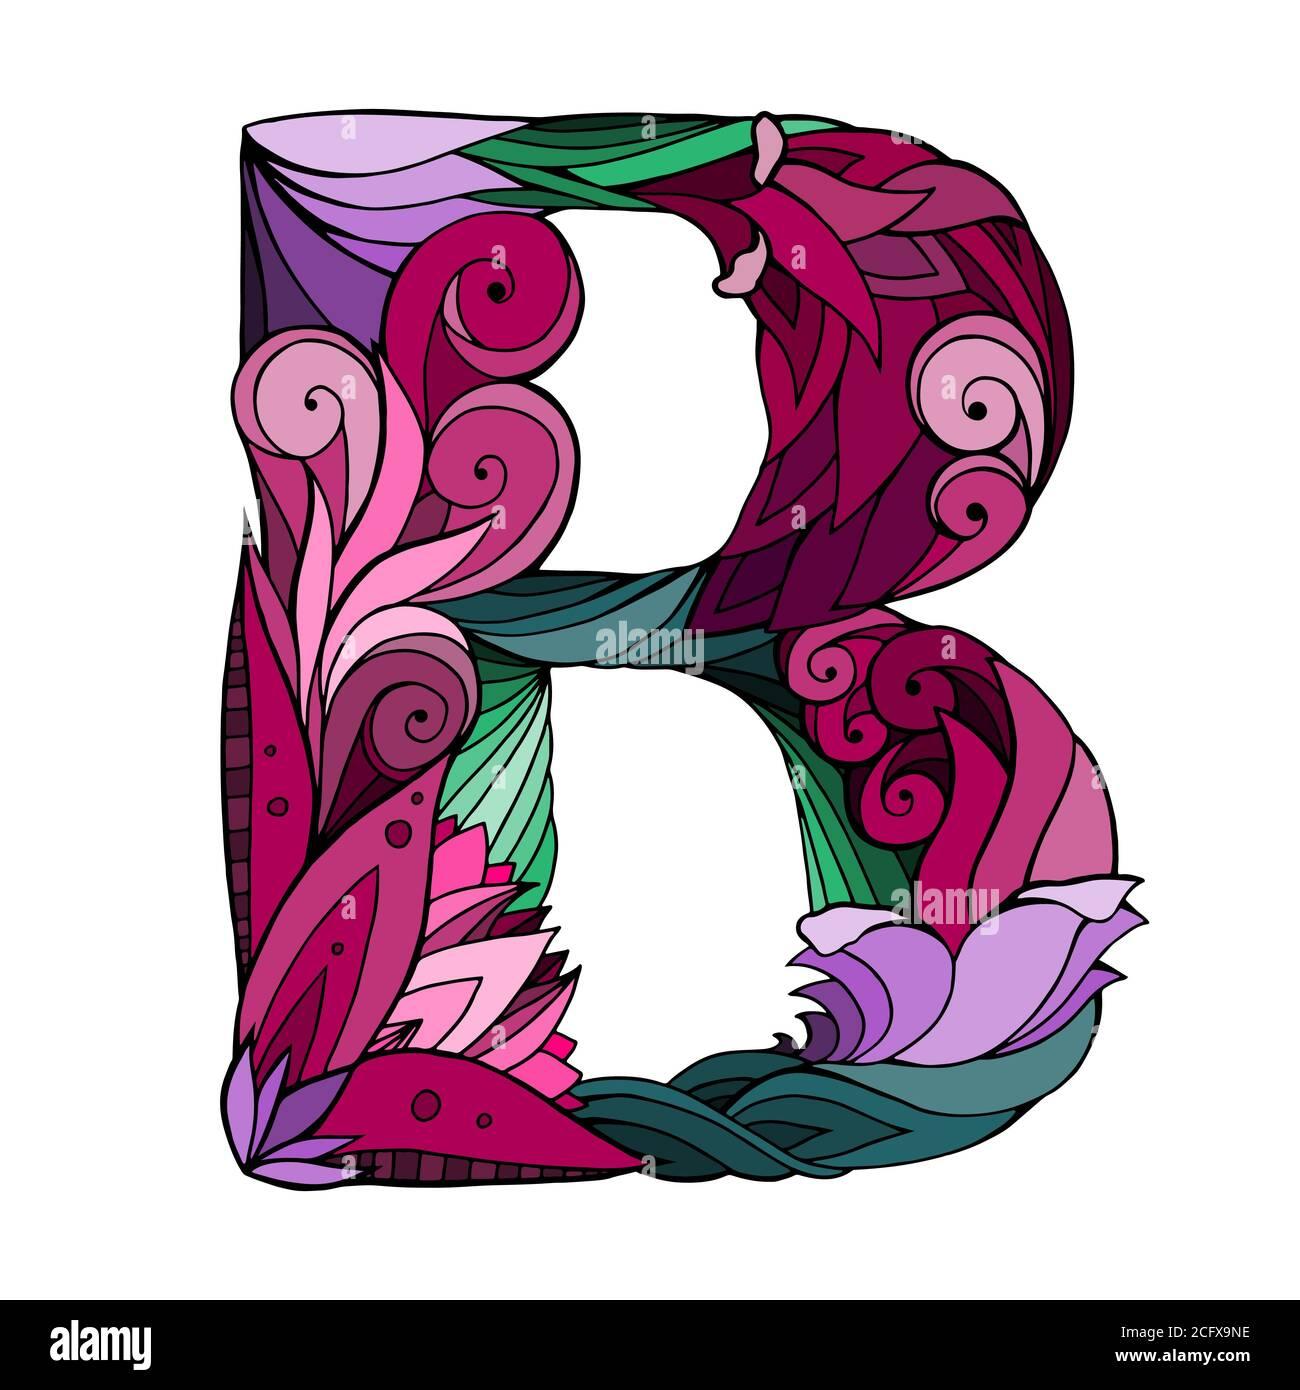 FreeHand dibujando la letra mayúscula B con patrón de fideos florales. Elemento vectorial para su diseño Ilustración del Vector